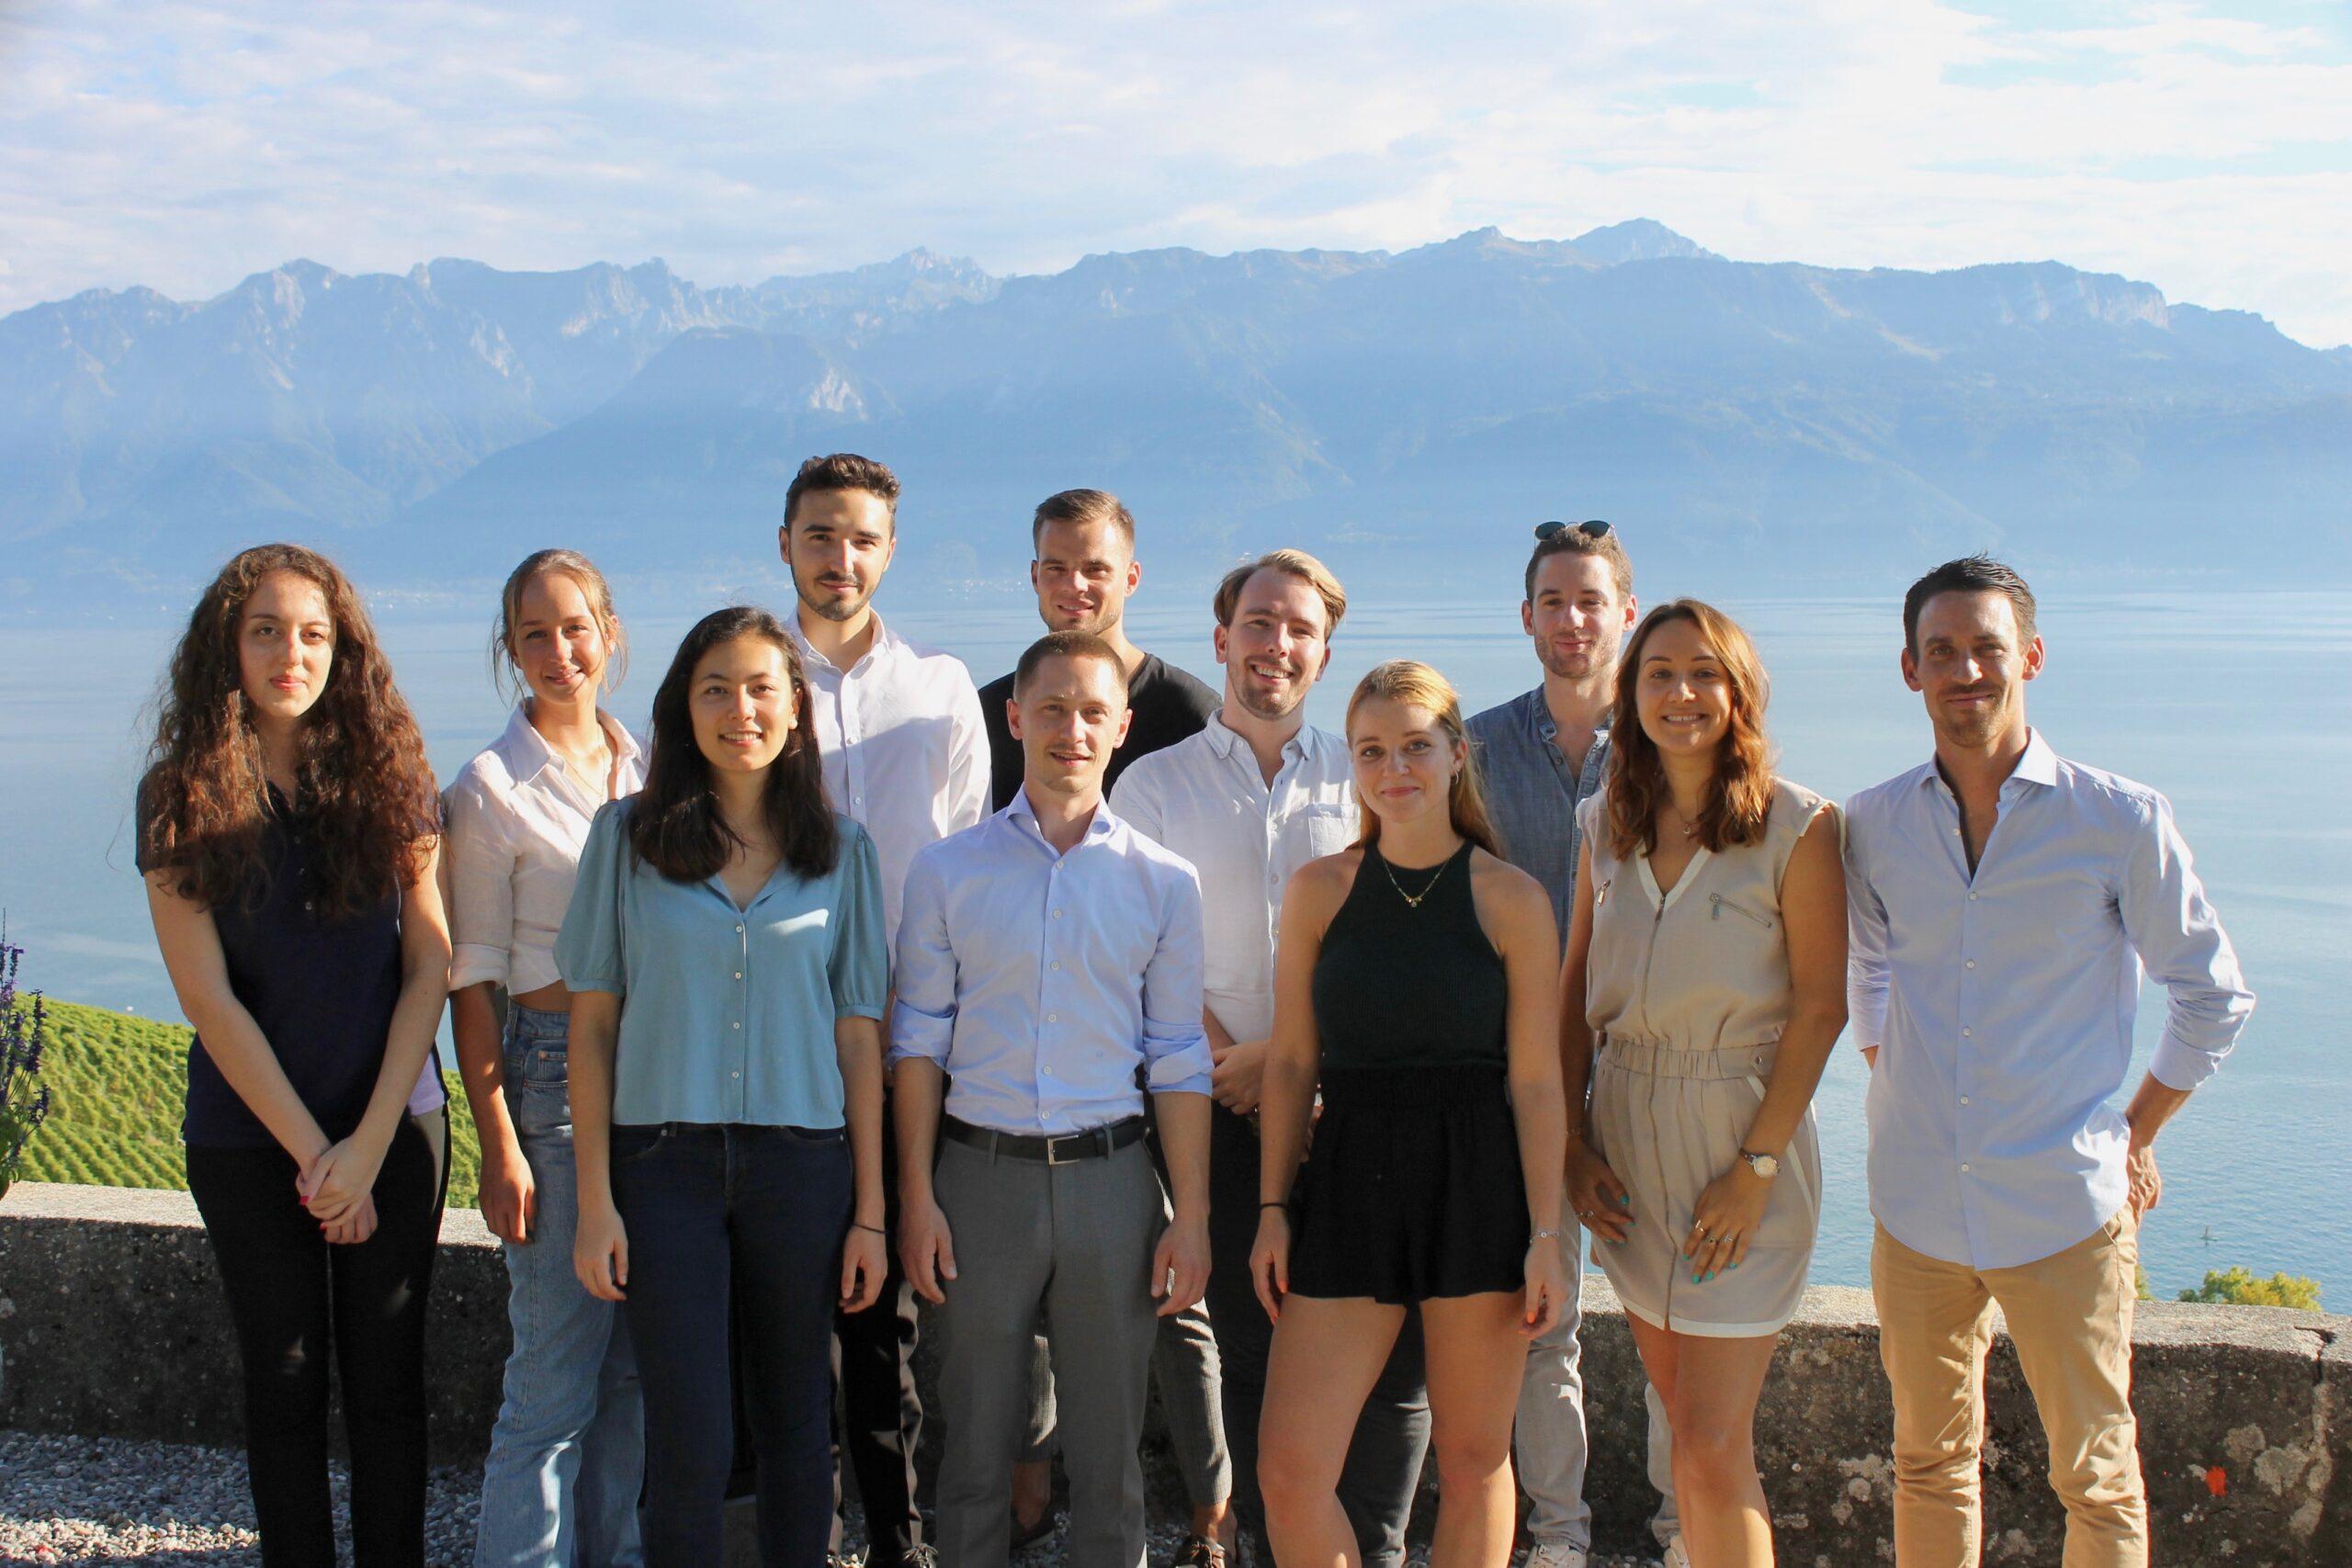 Startup-Interview Reihe #7 – Smeetz